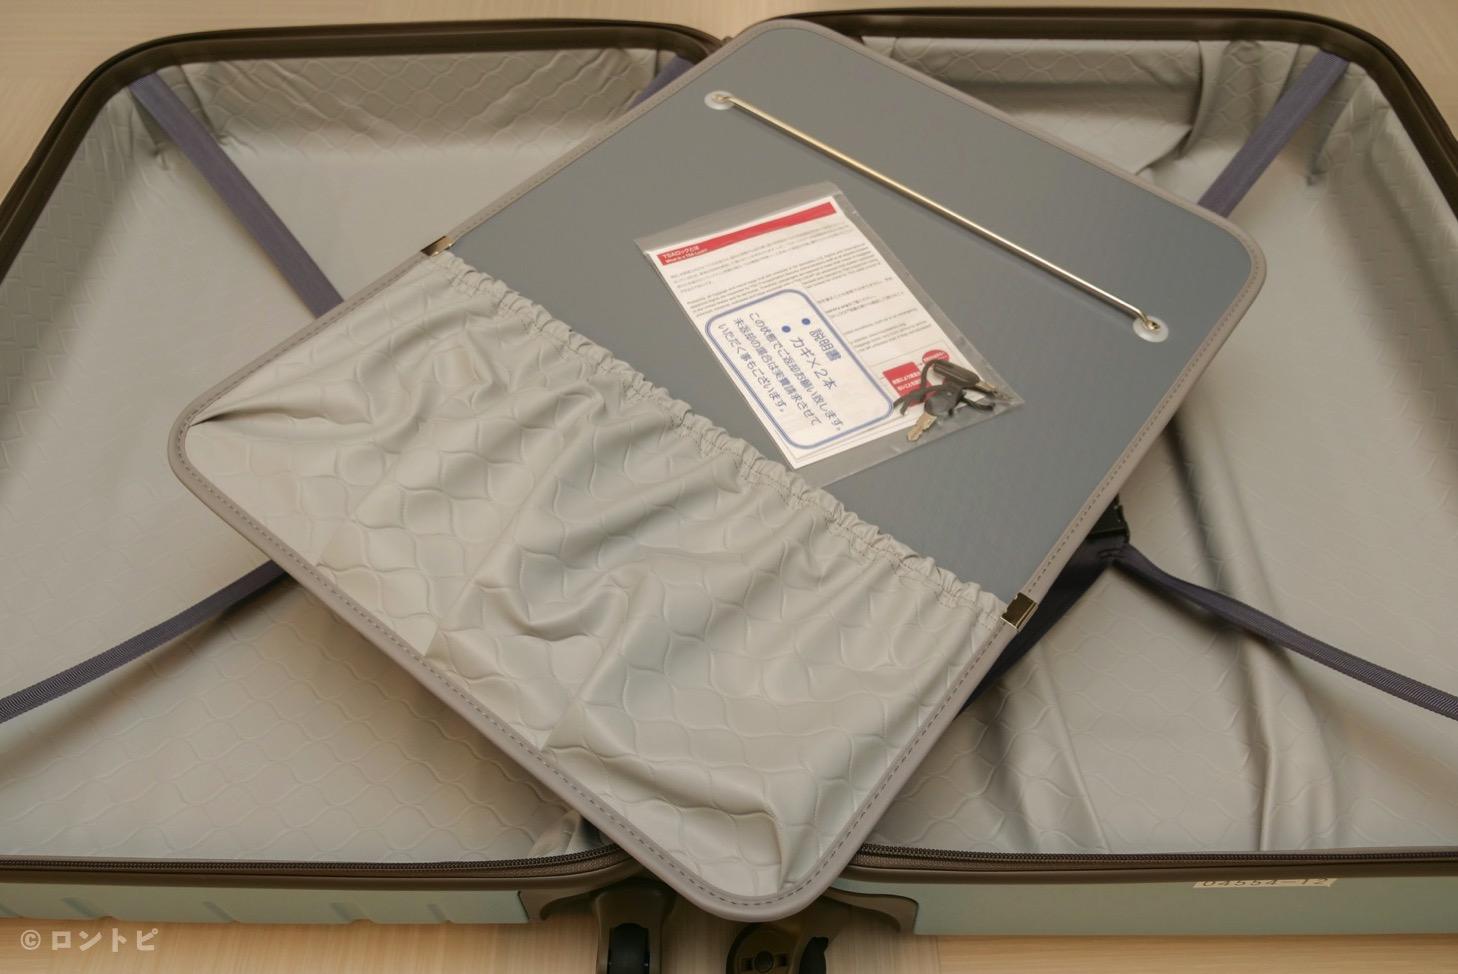 スーツケース レンタル 感想